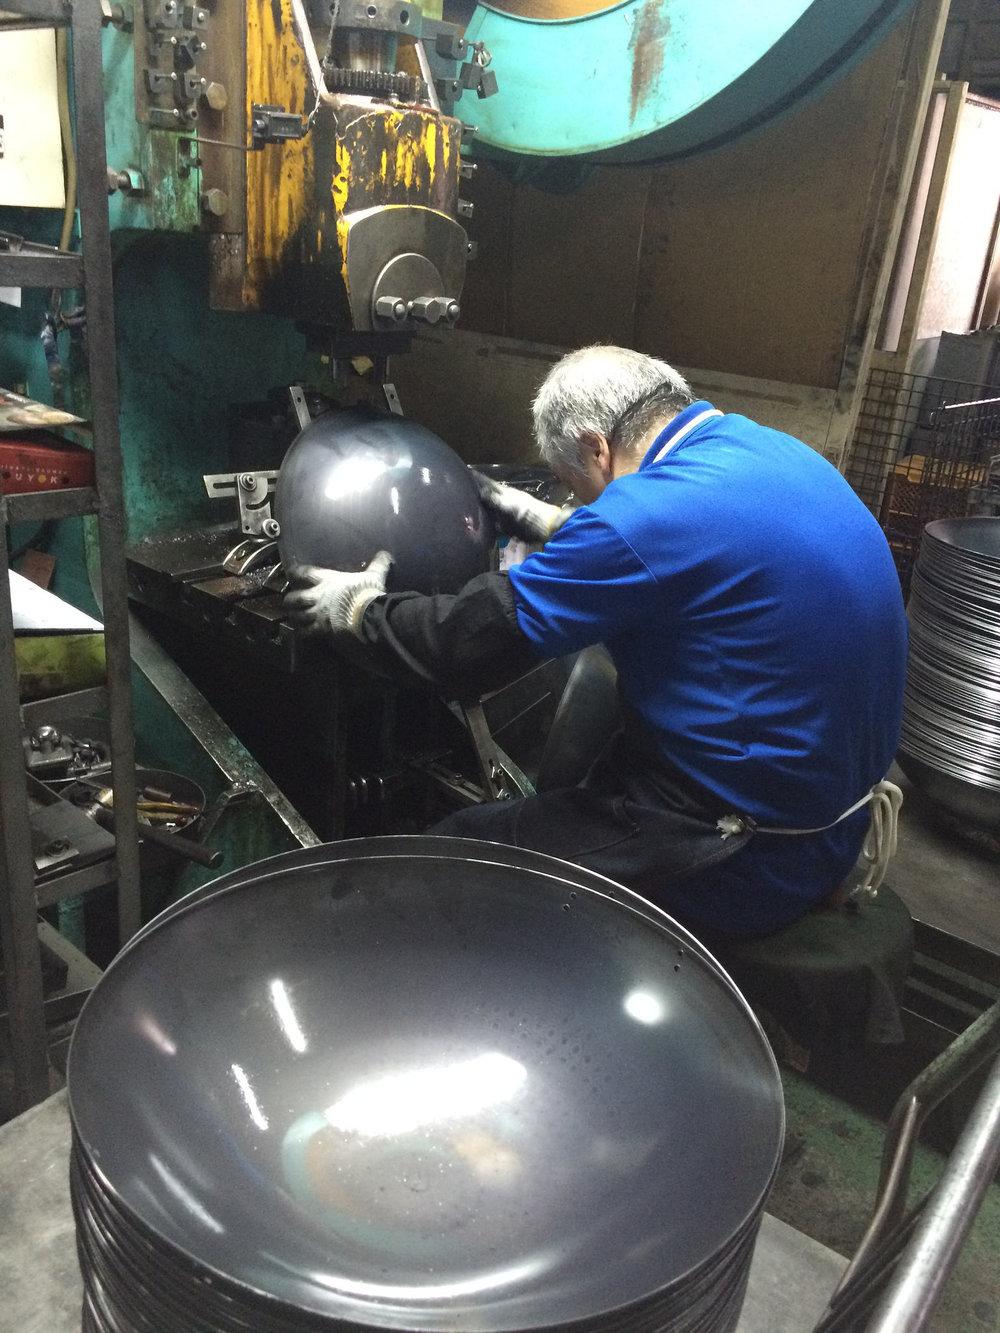 02|成形 - 機器從上往下沖壓成圓形之後,就交由經驗老到的師傅手工修邊成形、鑽手把孔。